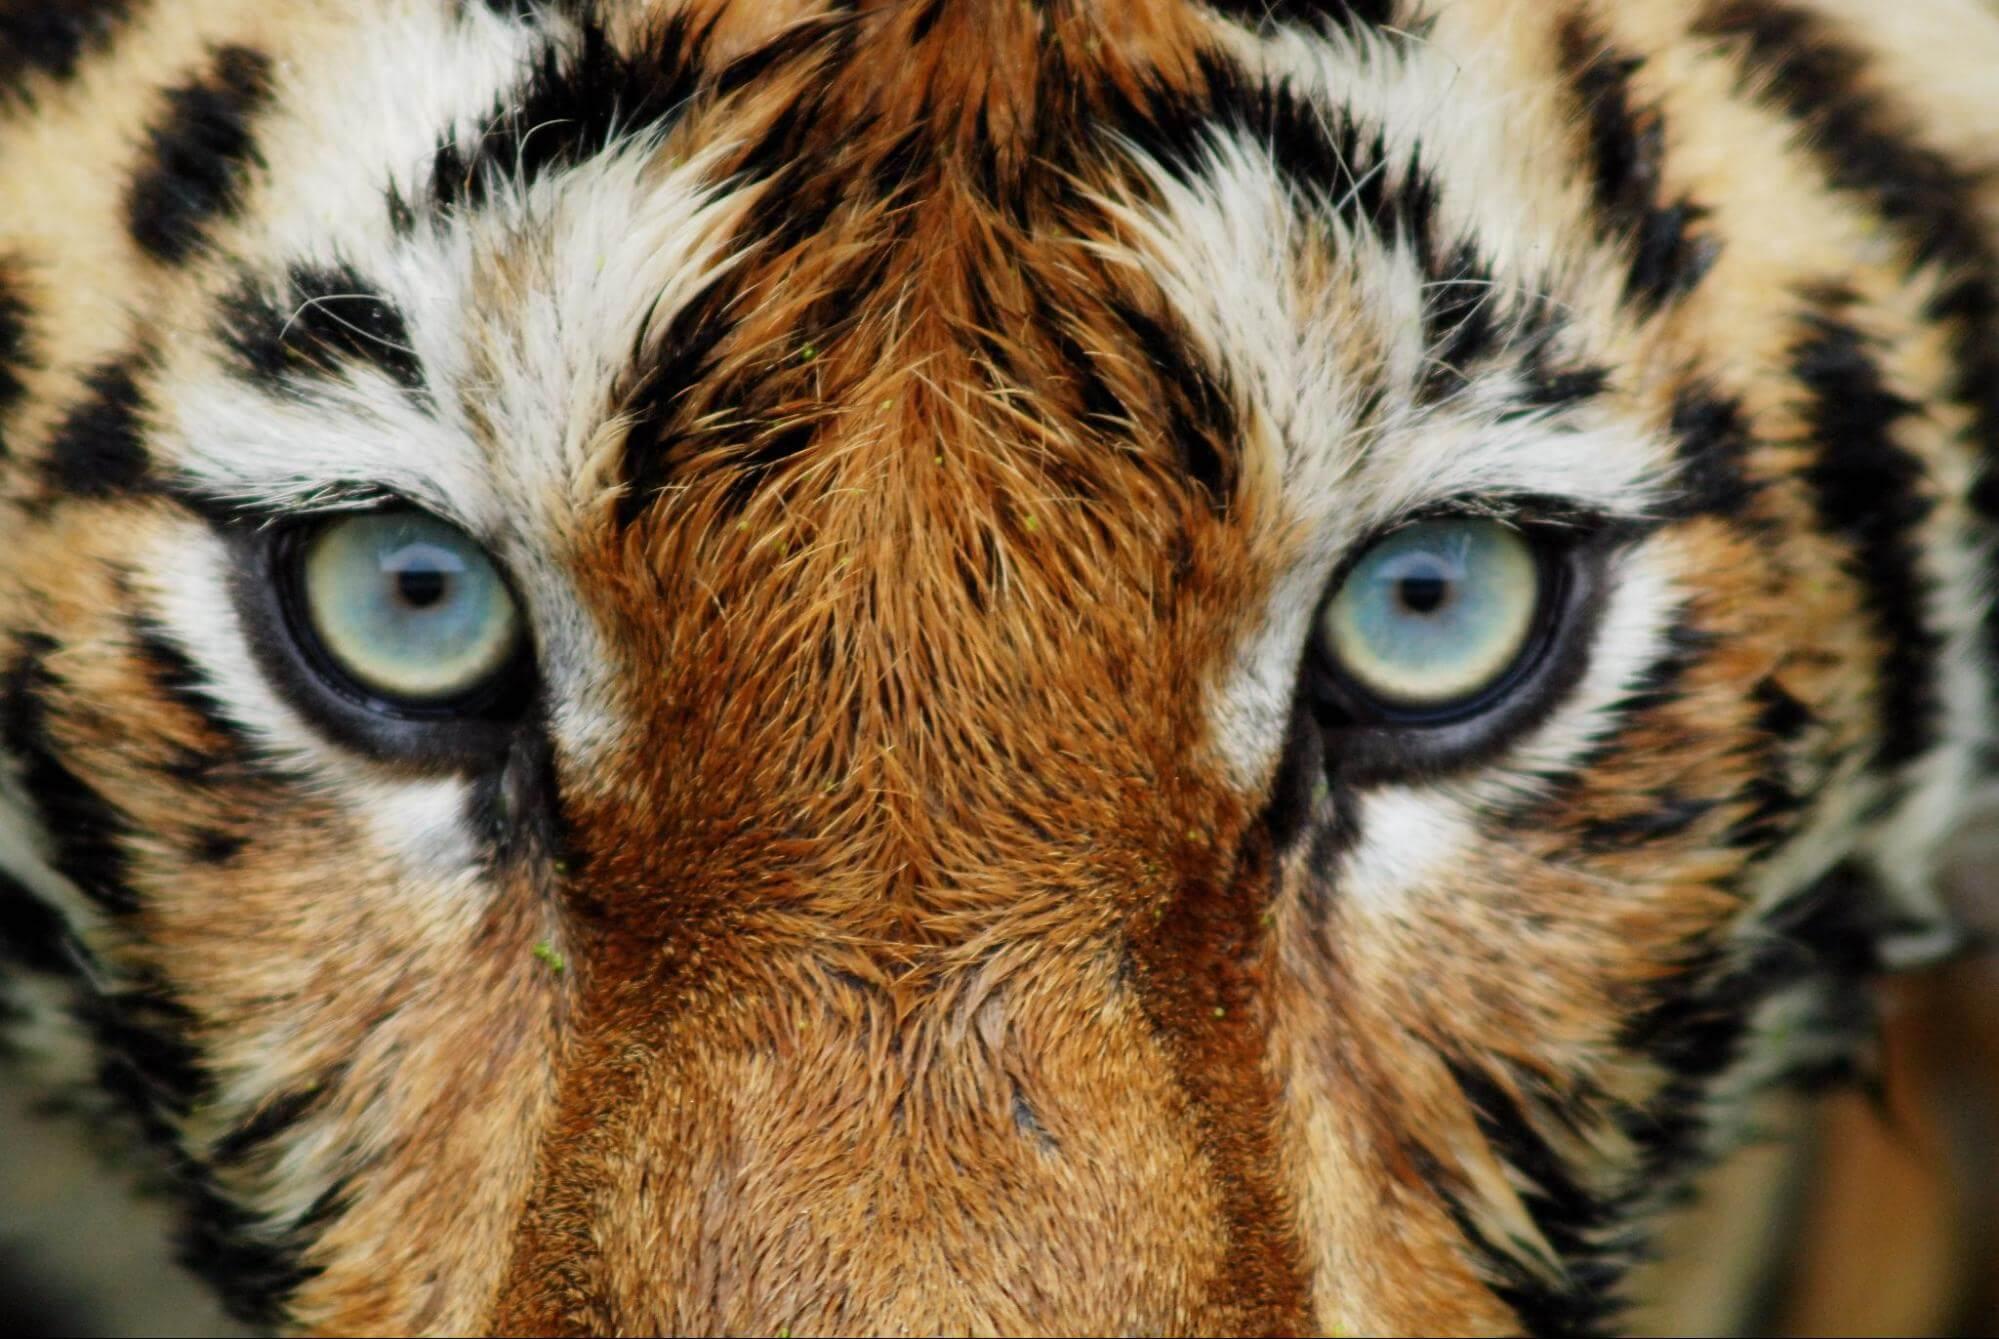 A close-up of a tiger